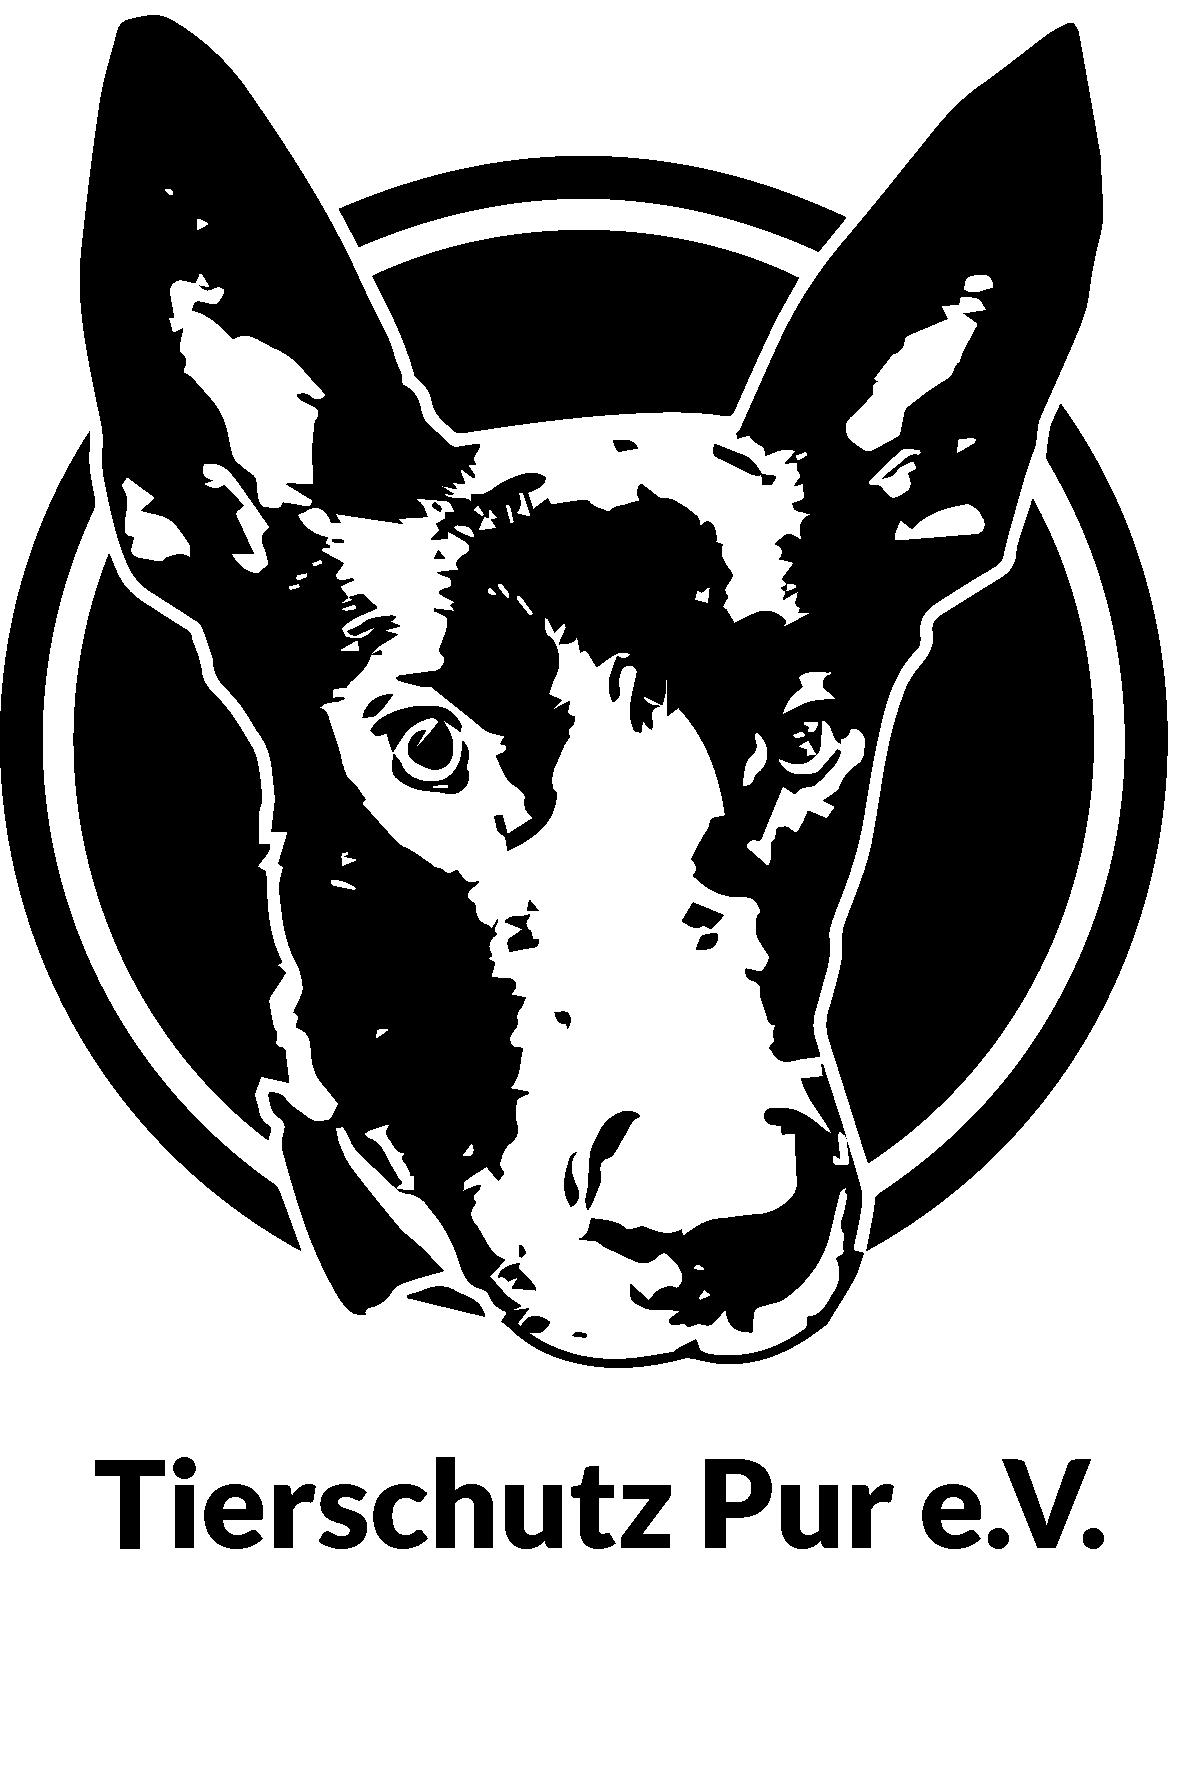 Tierschutz Pur